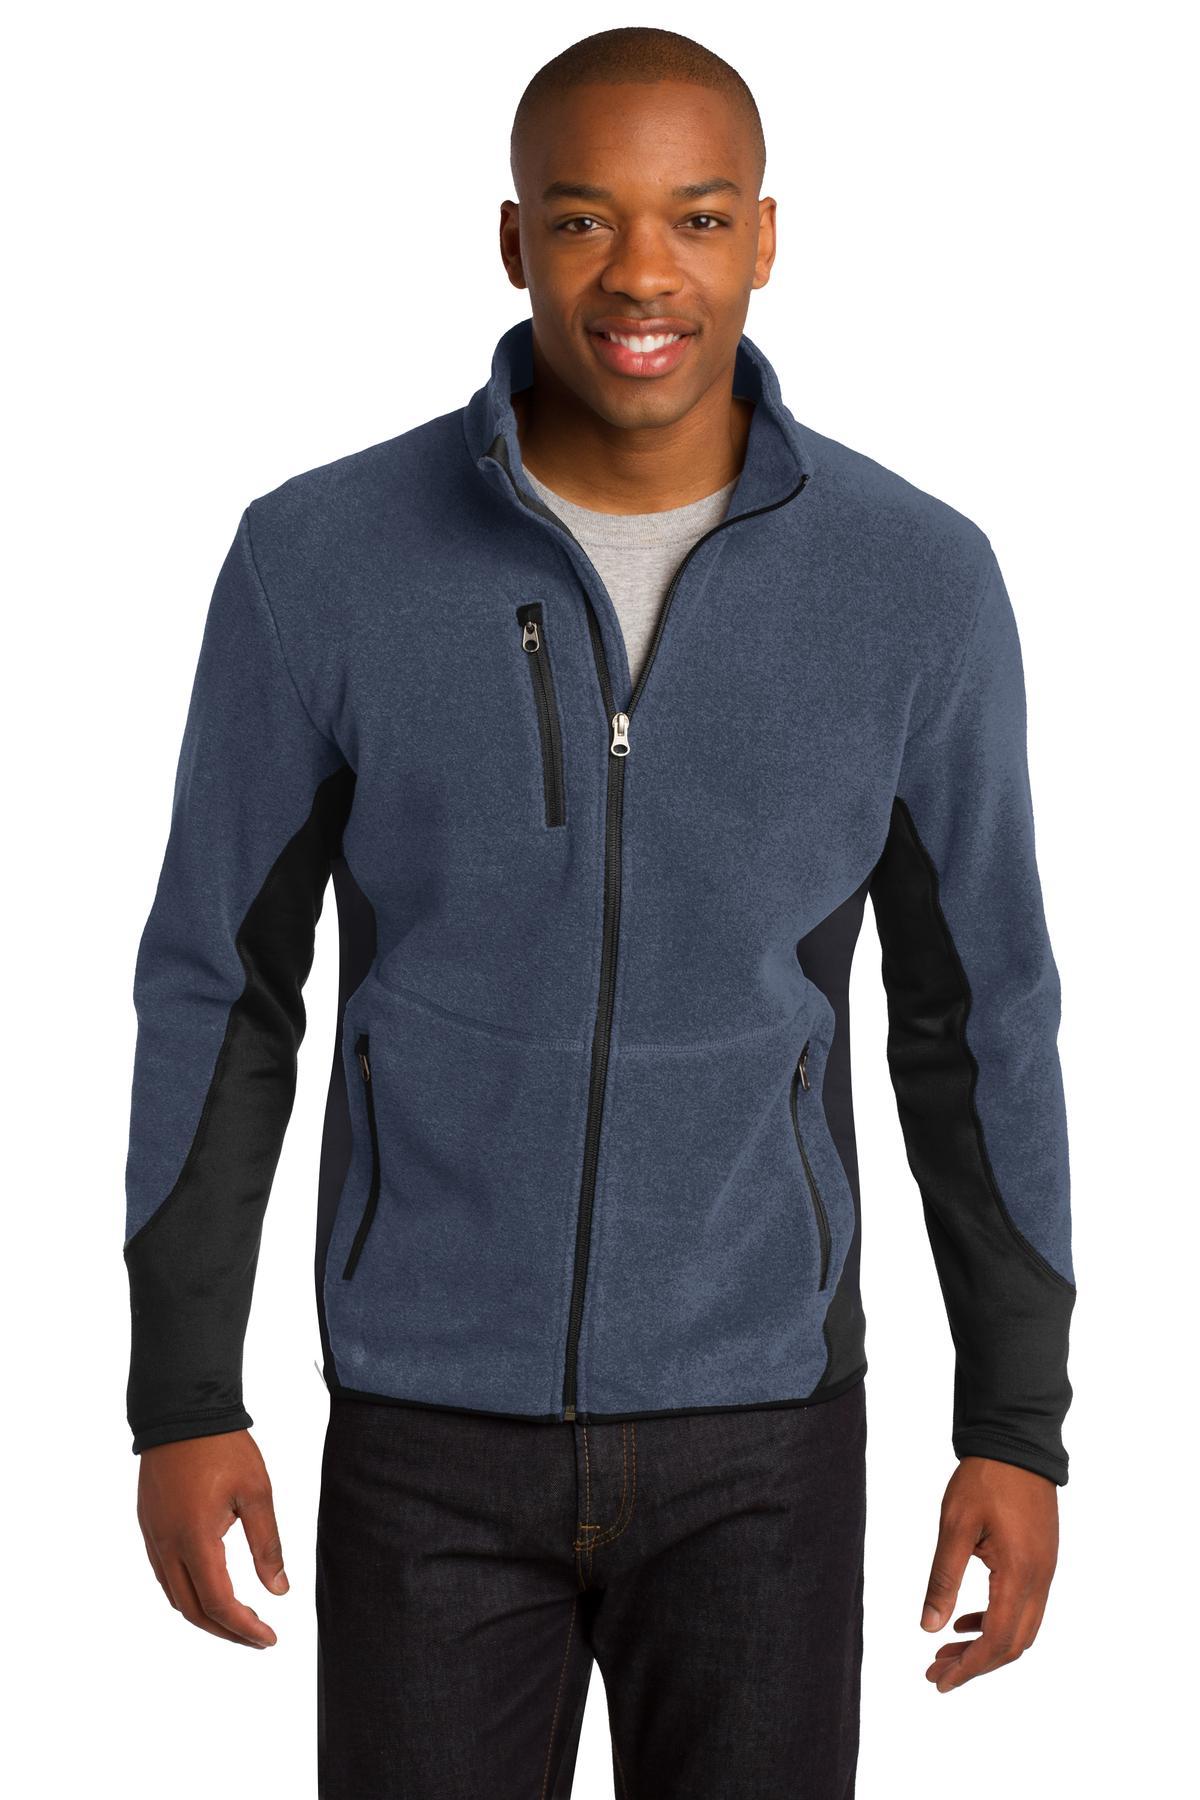 Outerwear-Polyester-Fleece-30